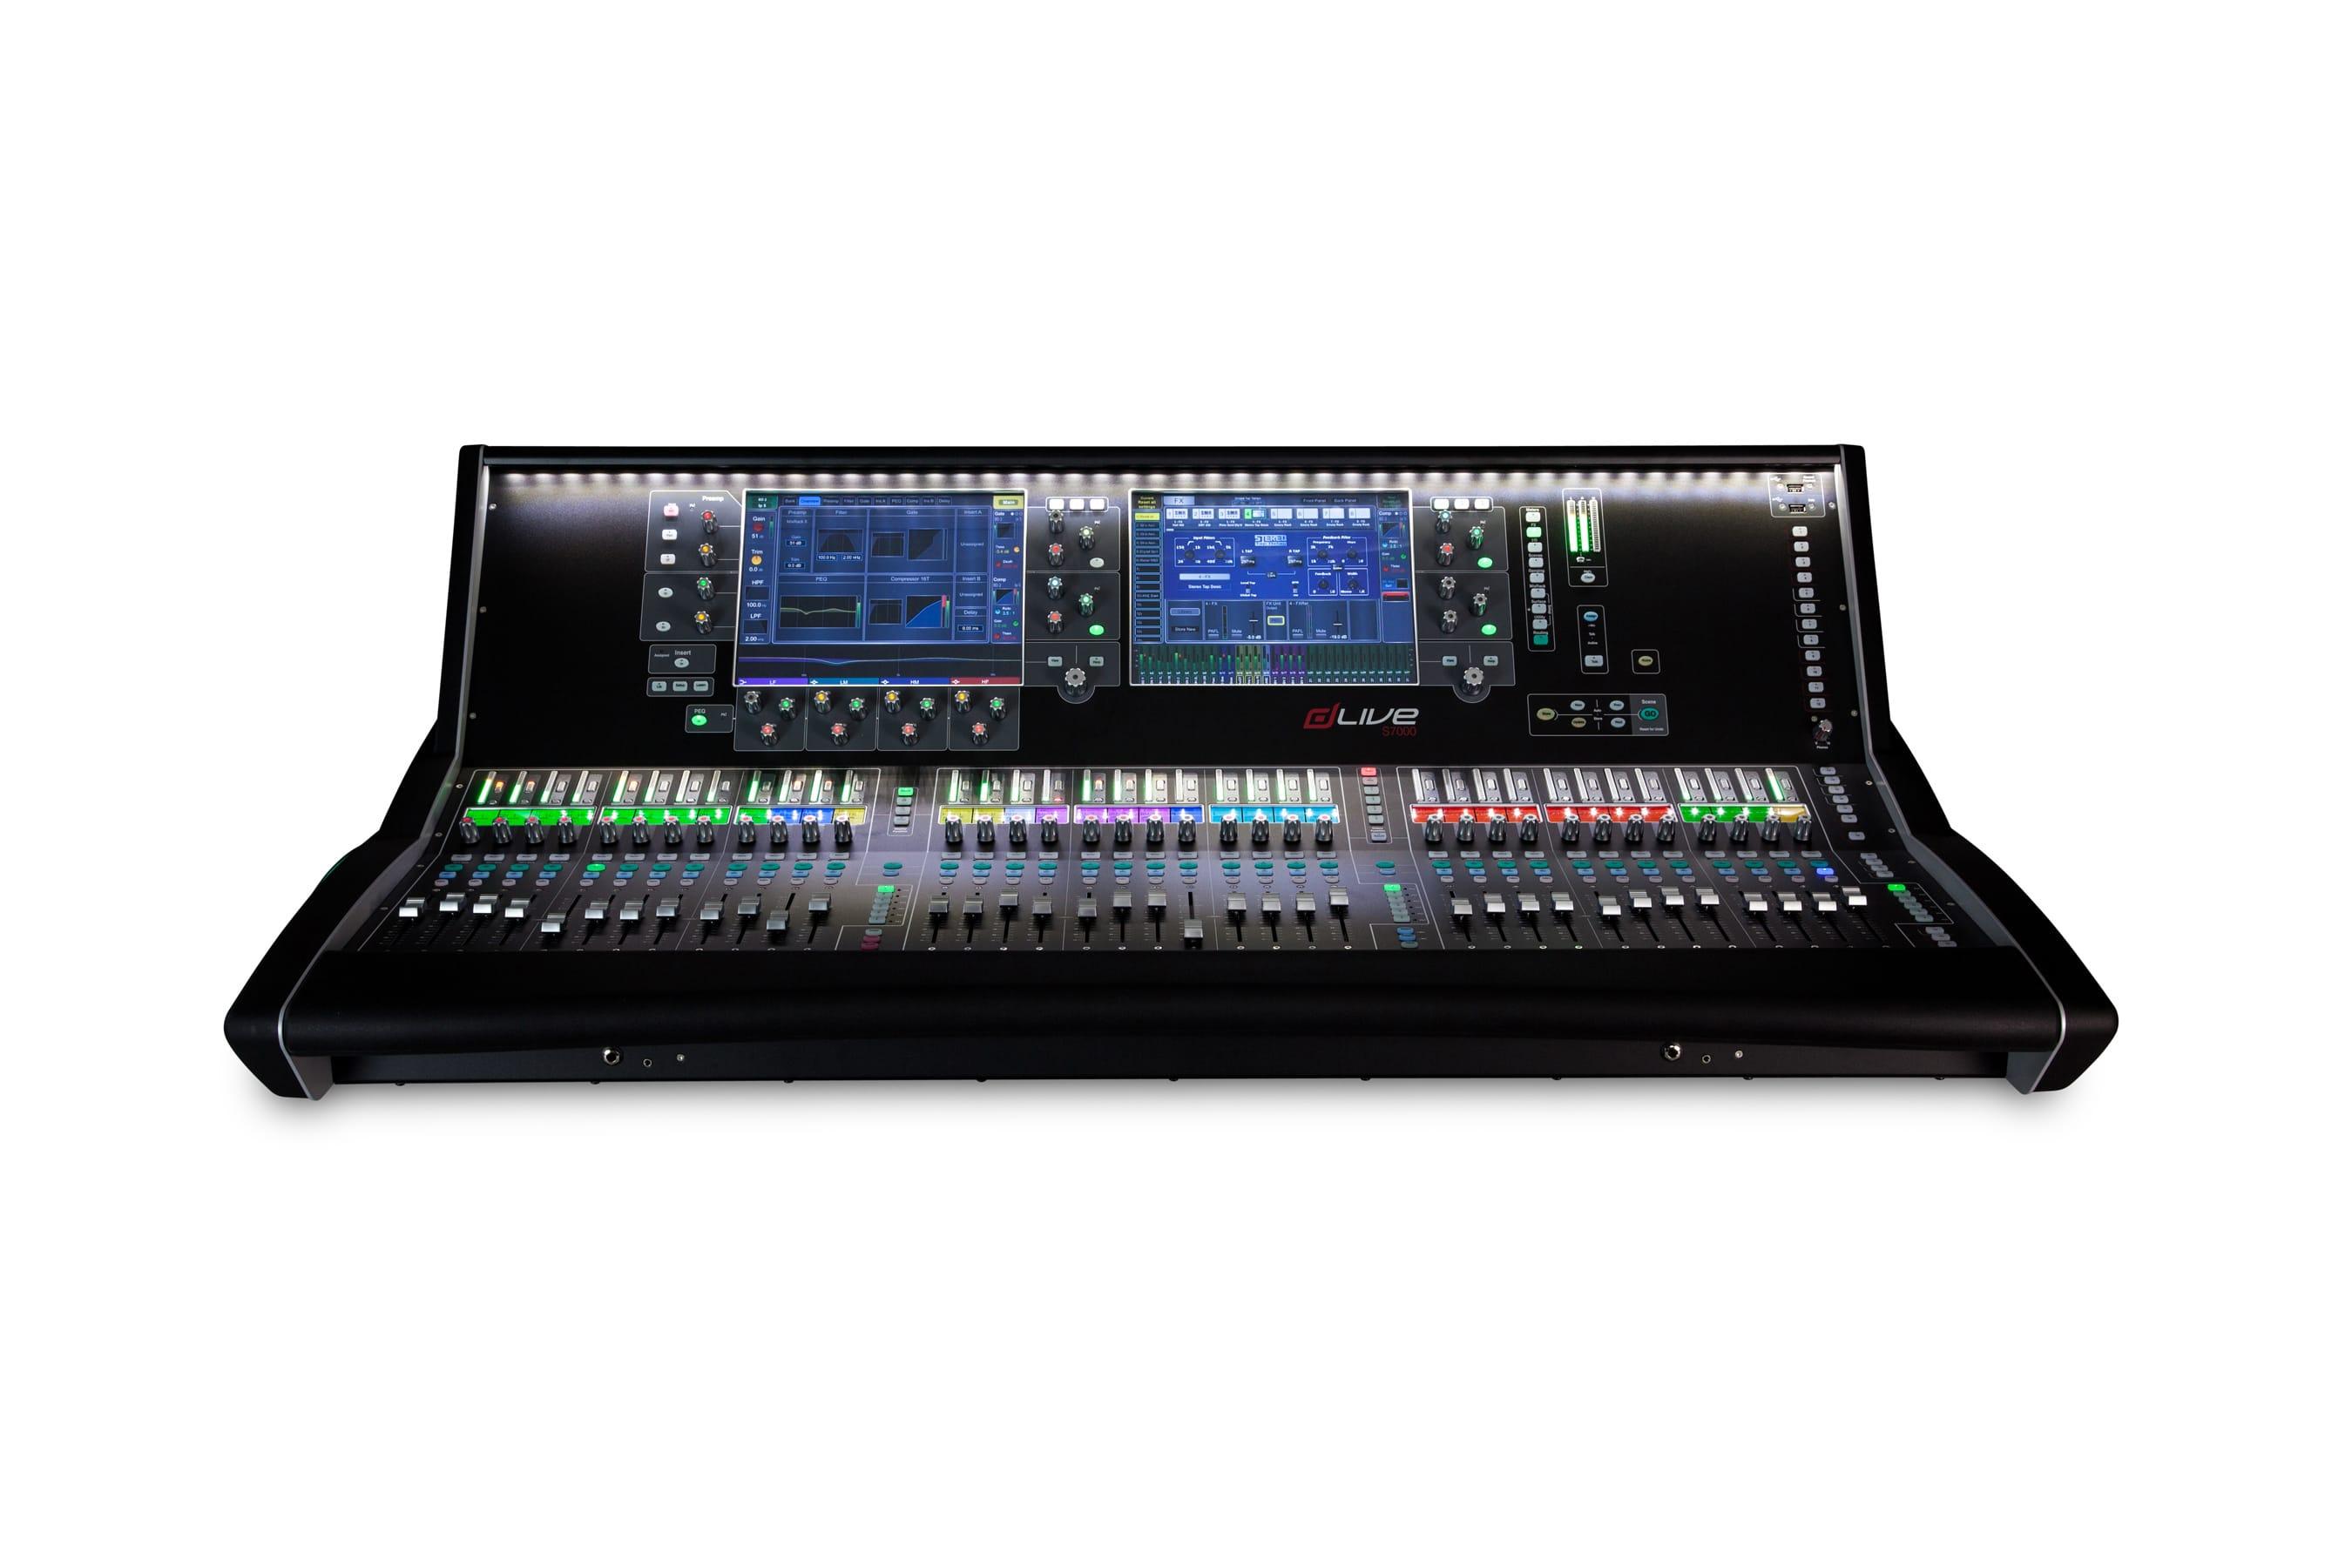 Allen Amp Heath Dlive S7000 Digital Mixer